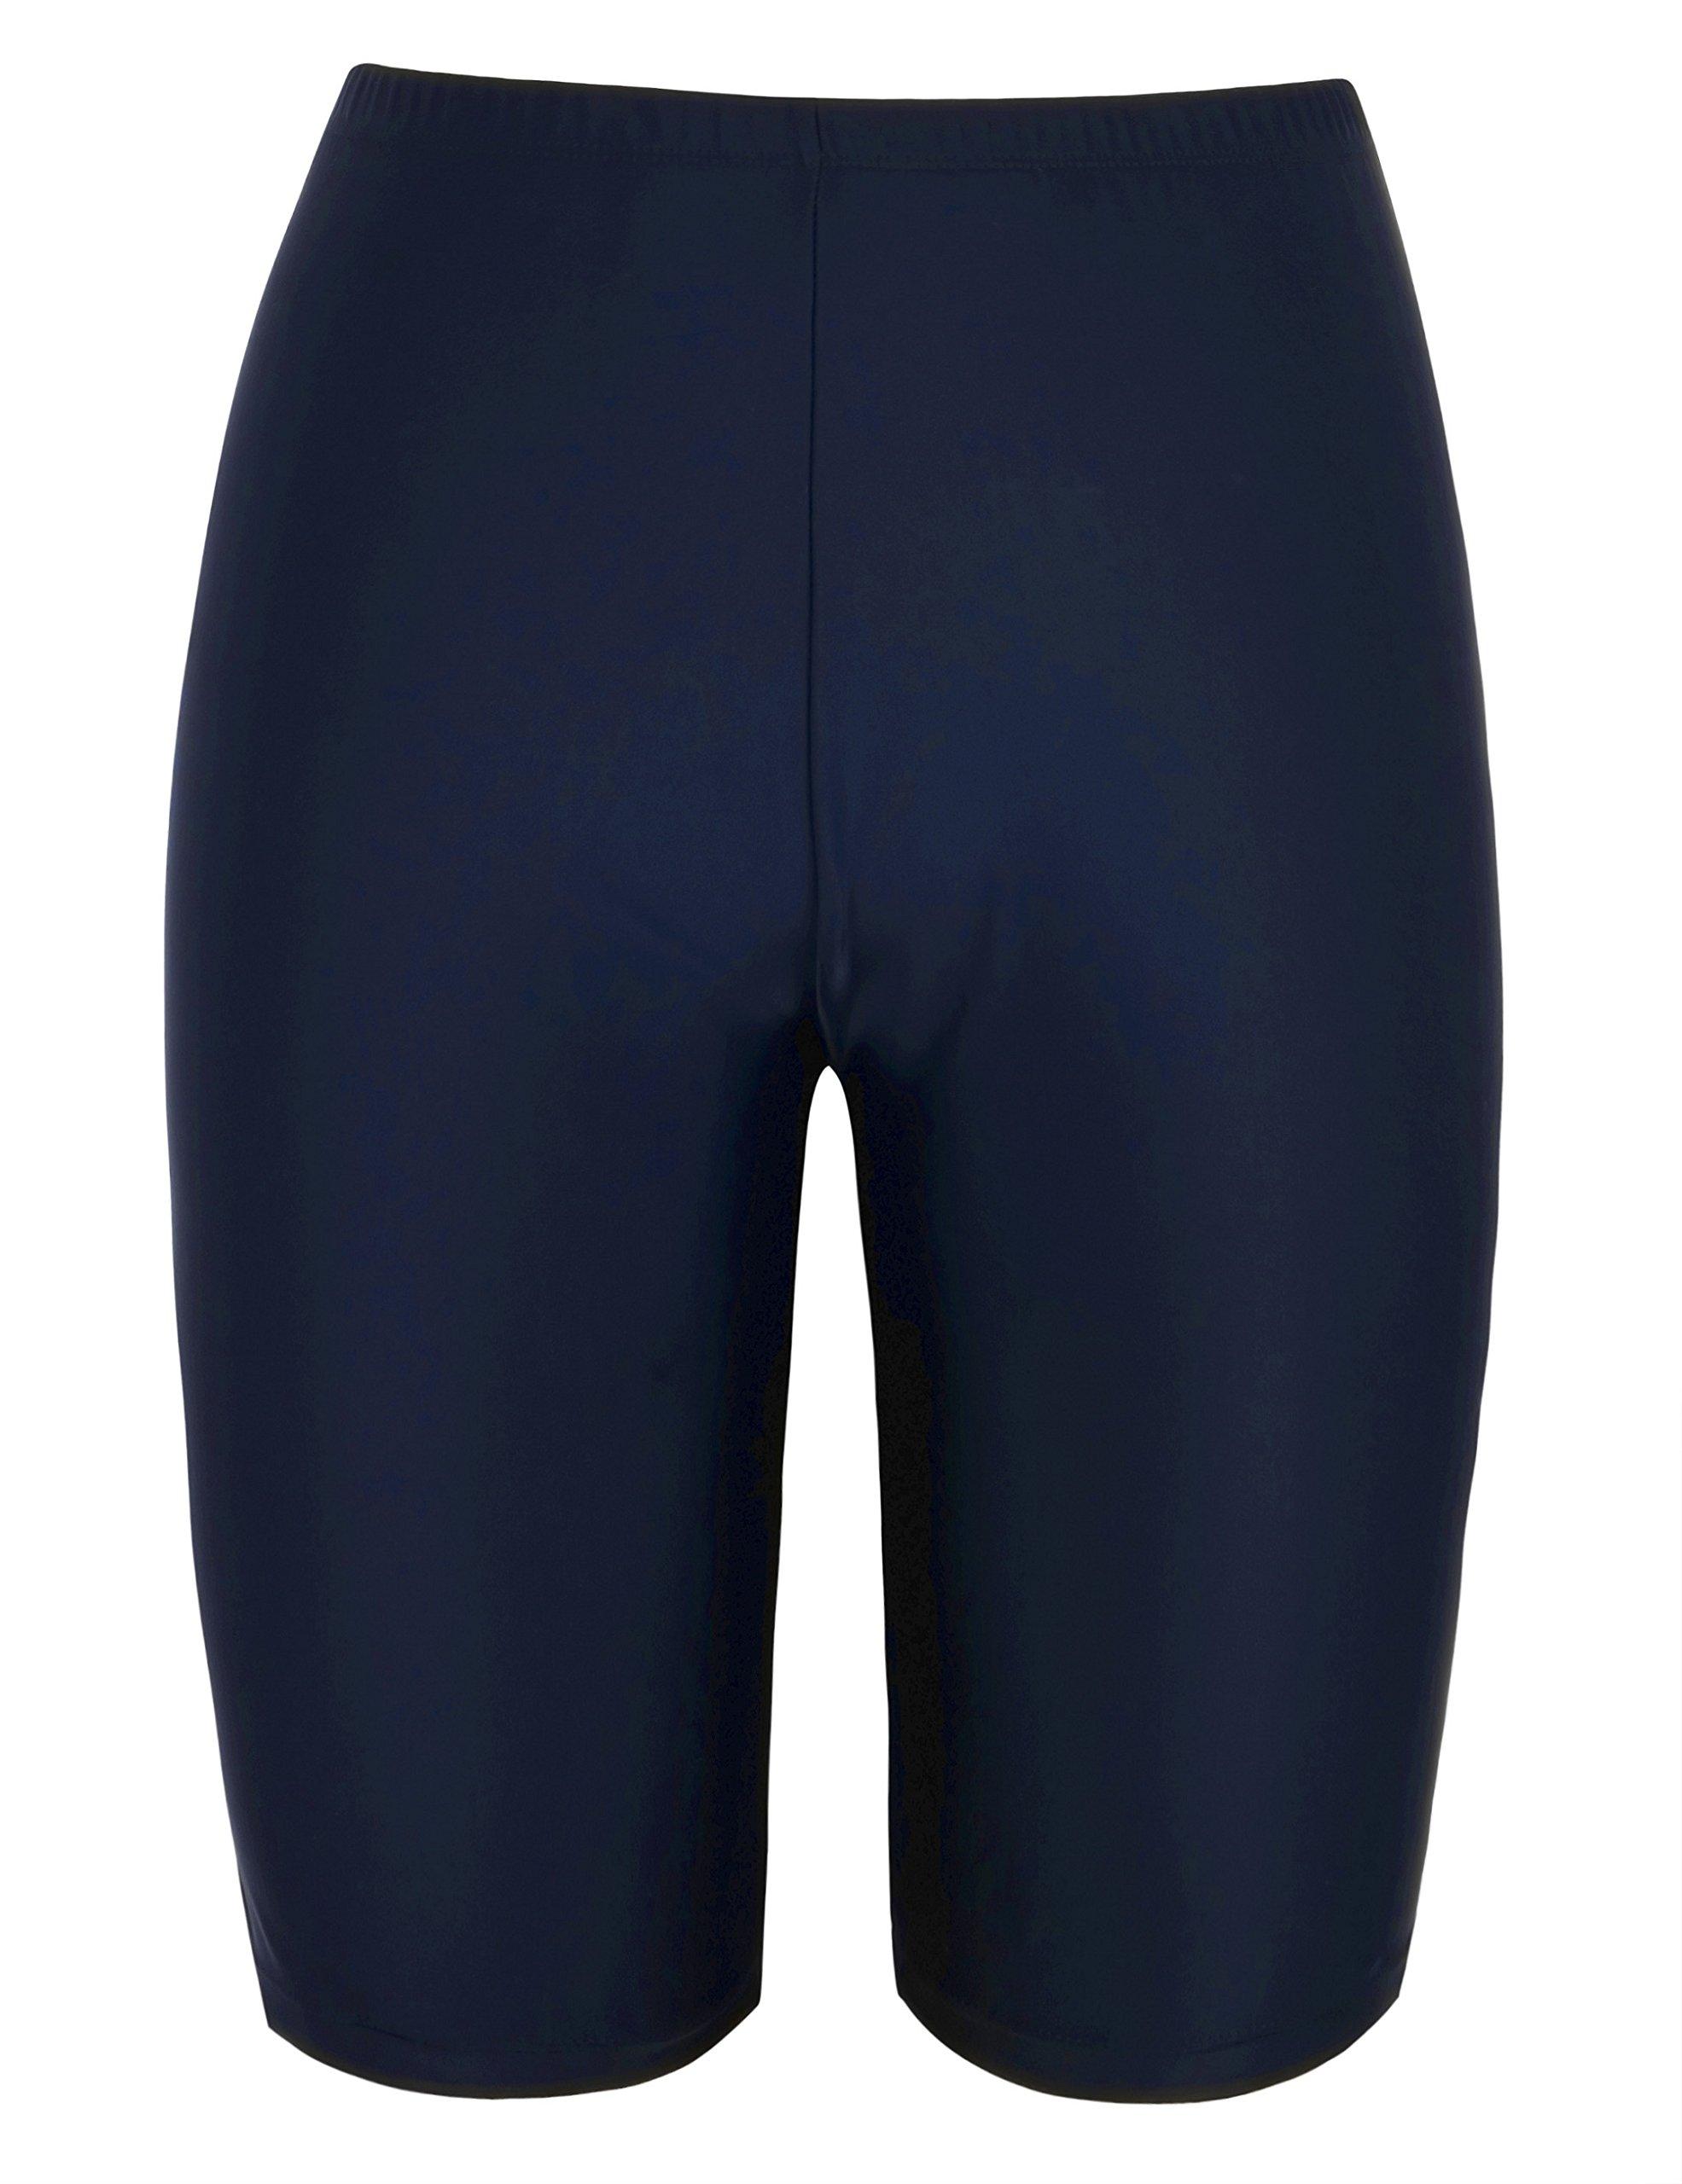 Firpearl Women's UPF50+ Sport Board Shorts Swimsuit Bottom Capris US10 Navy